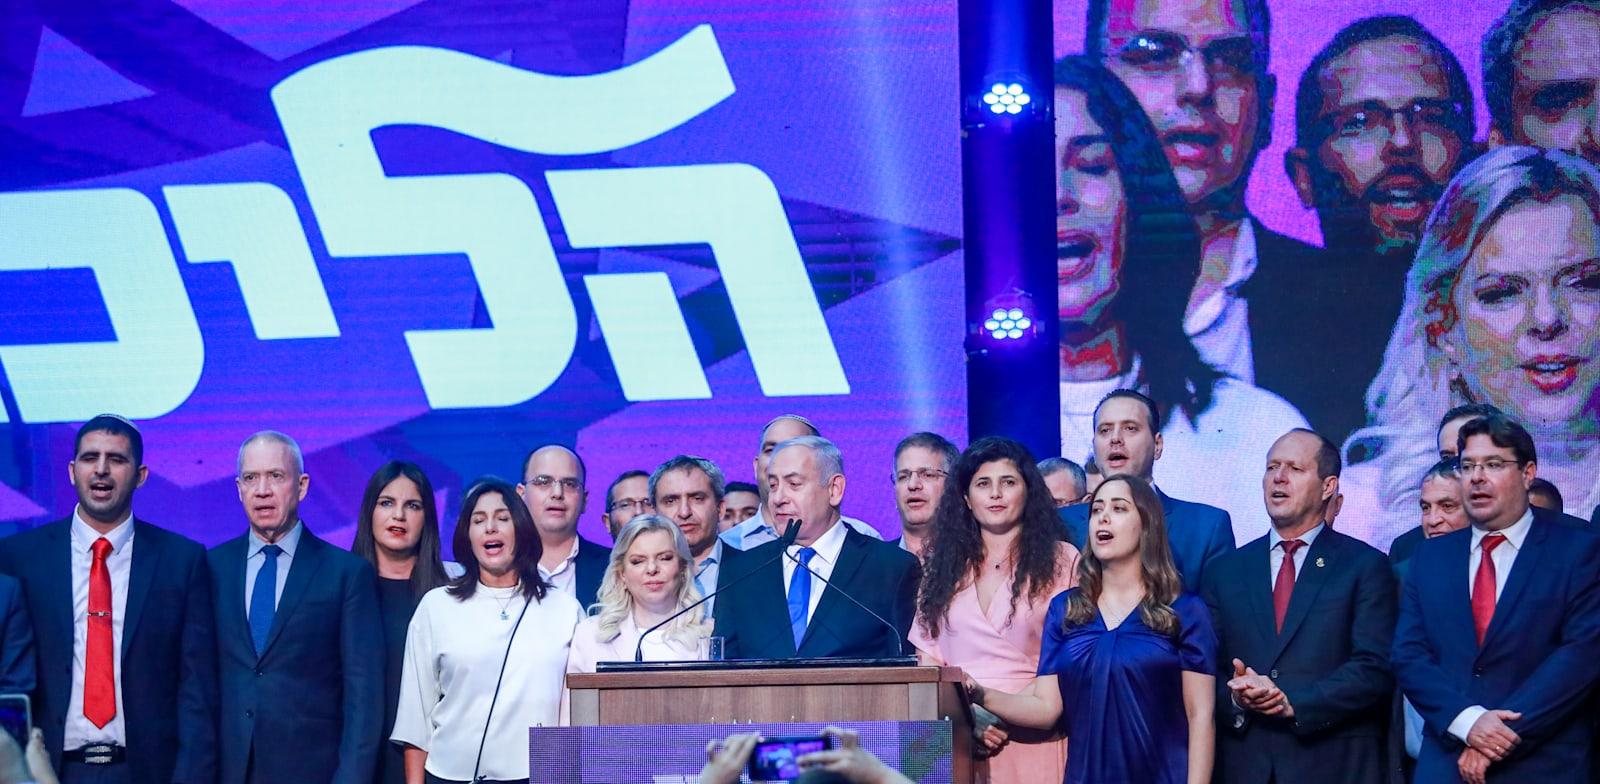 חברי הליכוד ממתינים לתוצאות הבחירות במועד א' / צילום: שלומי יוסף